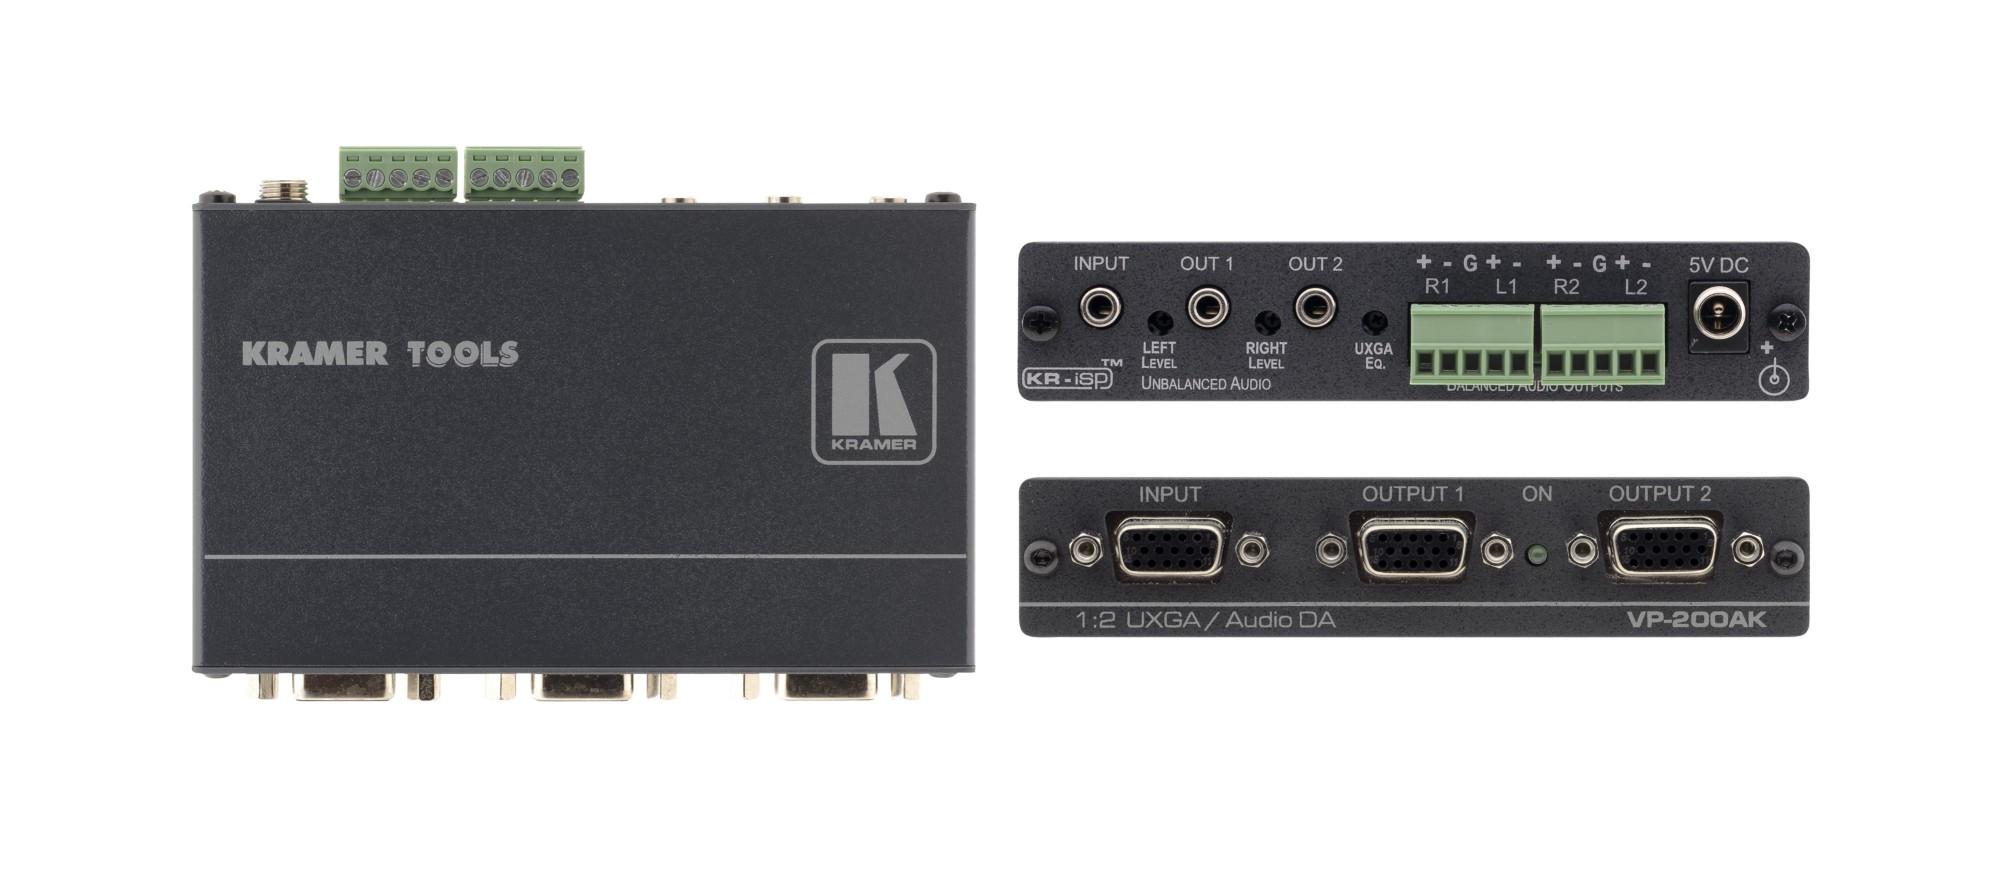 Kramer Electronics VP-200AK 510MHz video line amplifier